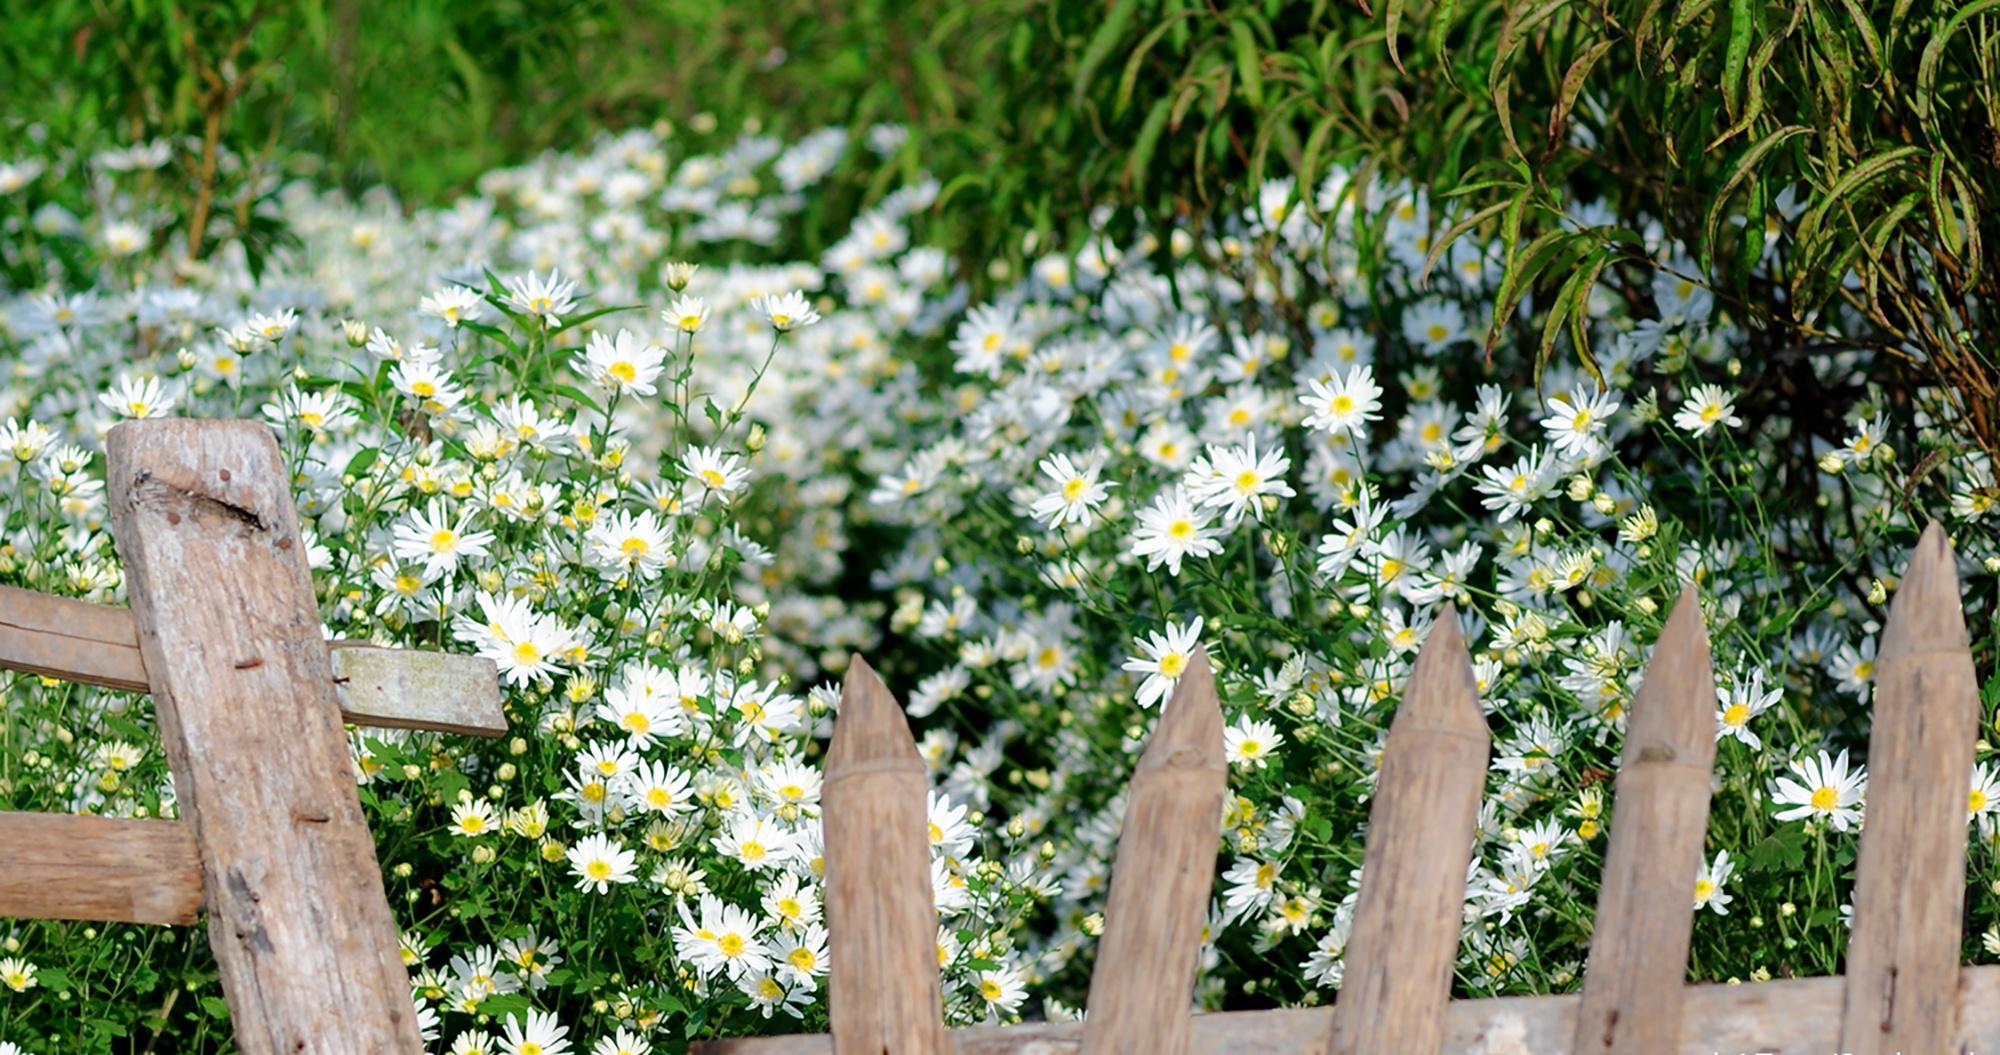 Xuyen xao mua cuc hoa mi don dong ve giua long Ha Noi hinh anh 13